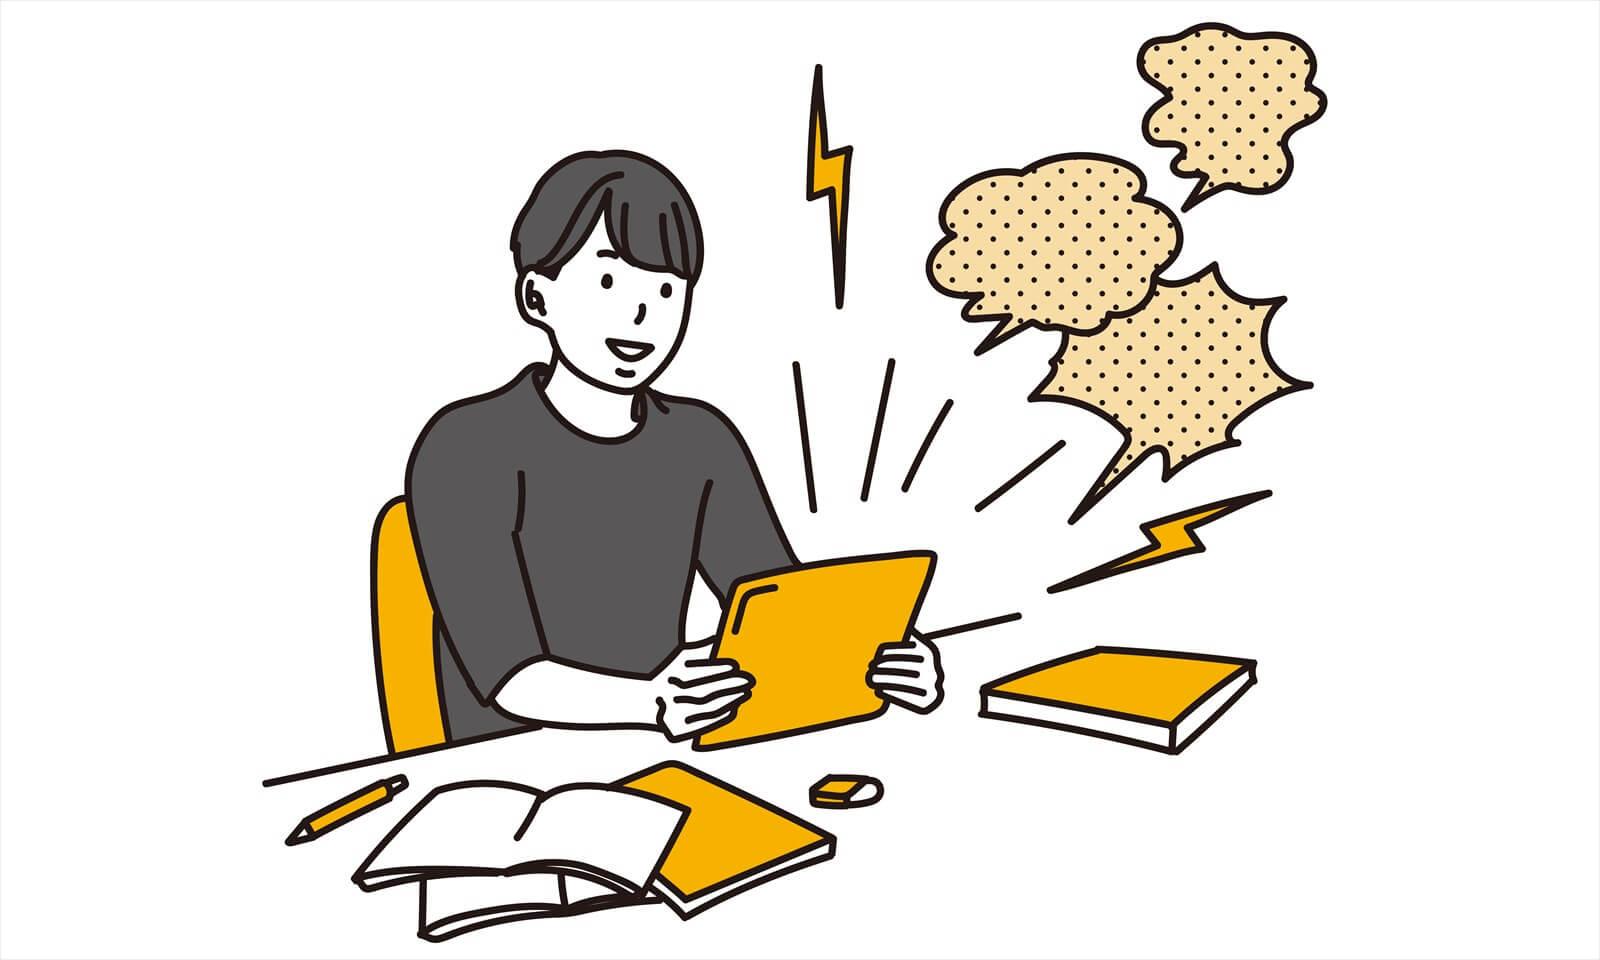 ながら勉強や、視界に入れることでのケアレスミスと対策